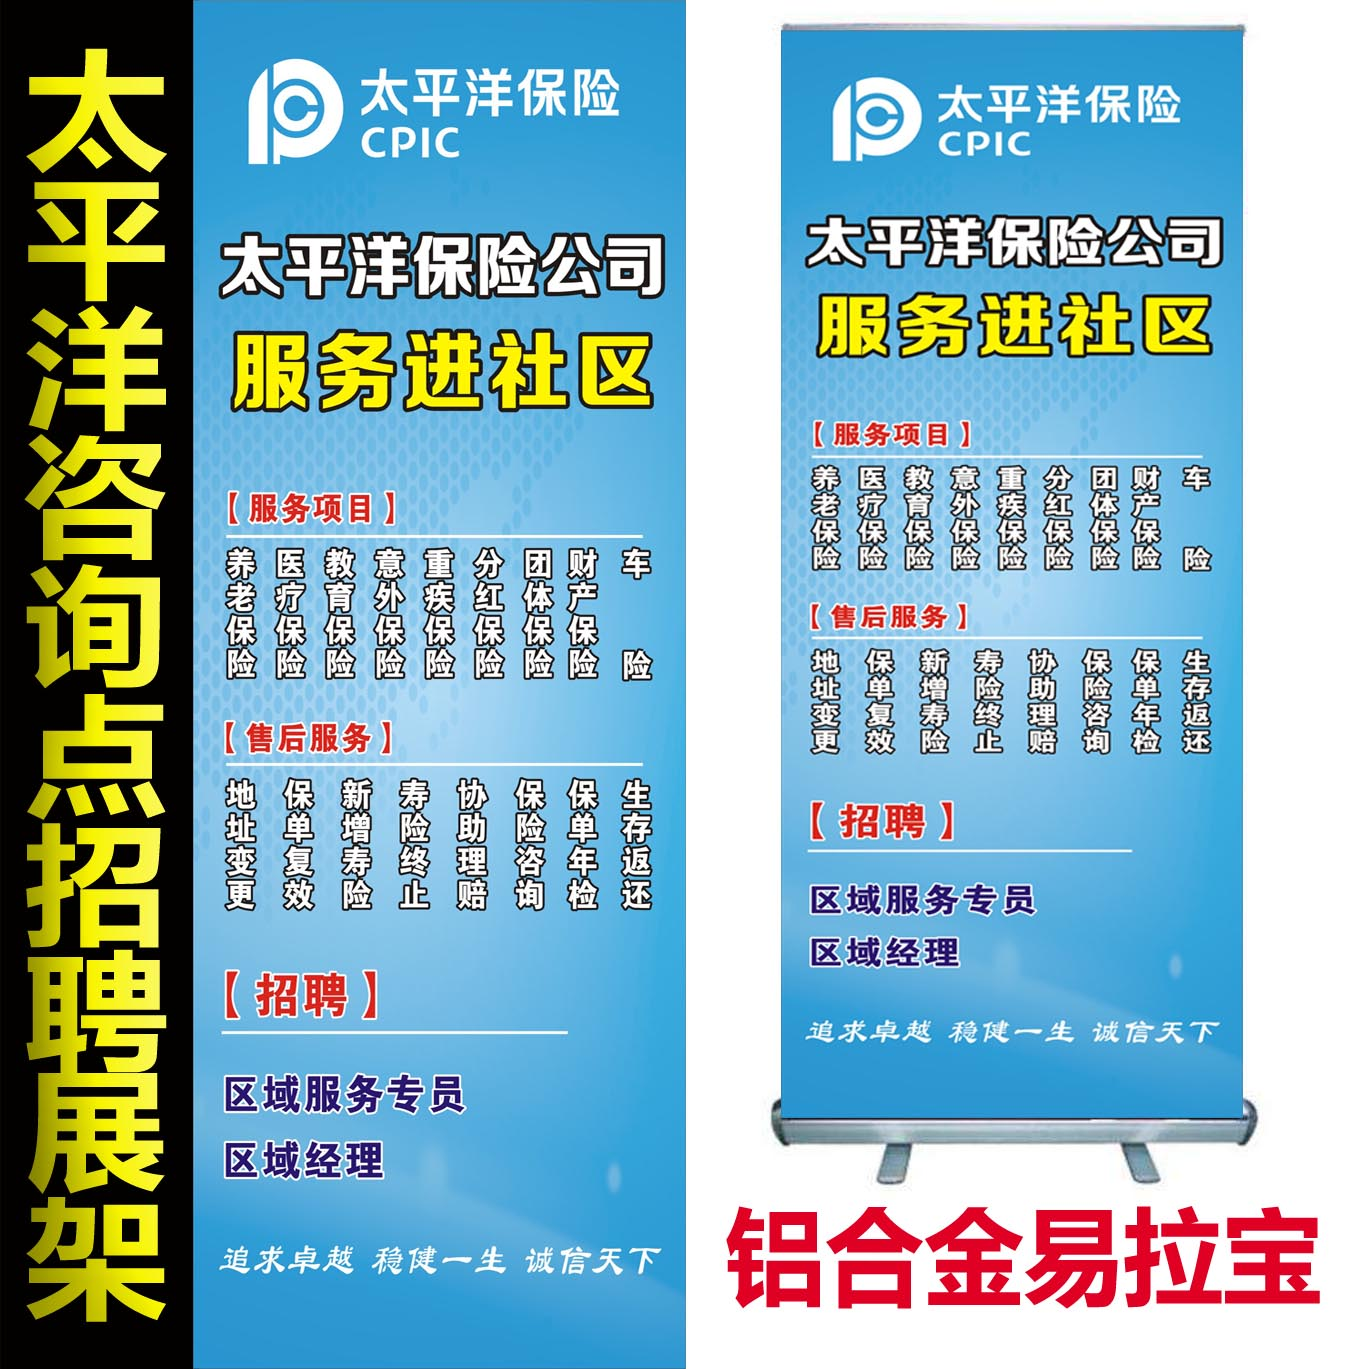 展架易拉宝广告订制海报 X 太平洋保险新版咨询点招聘门型